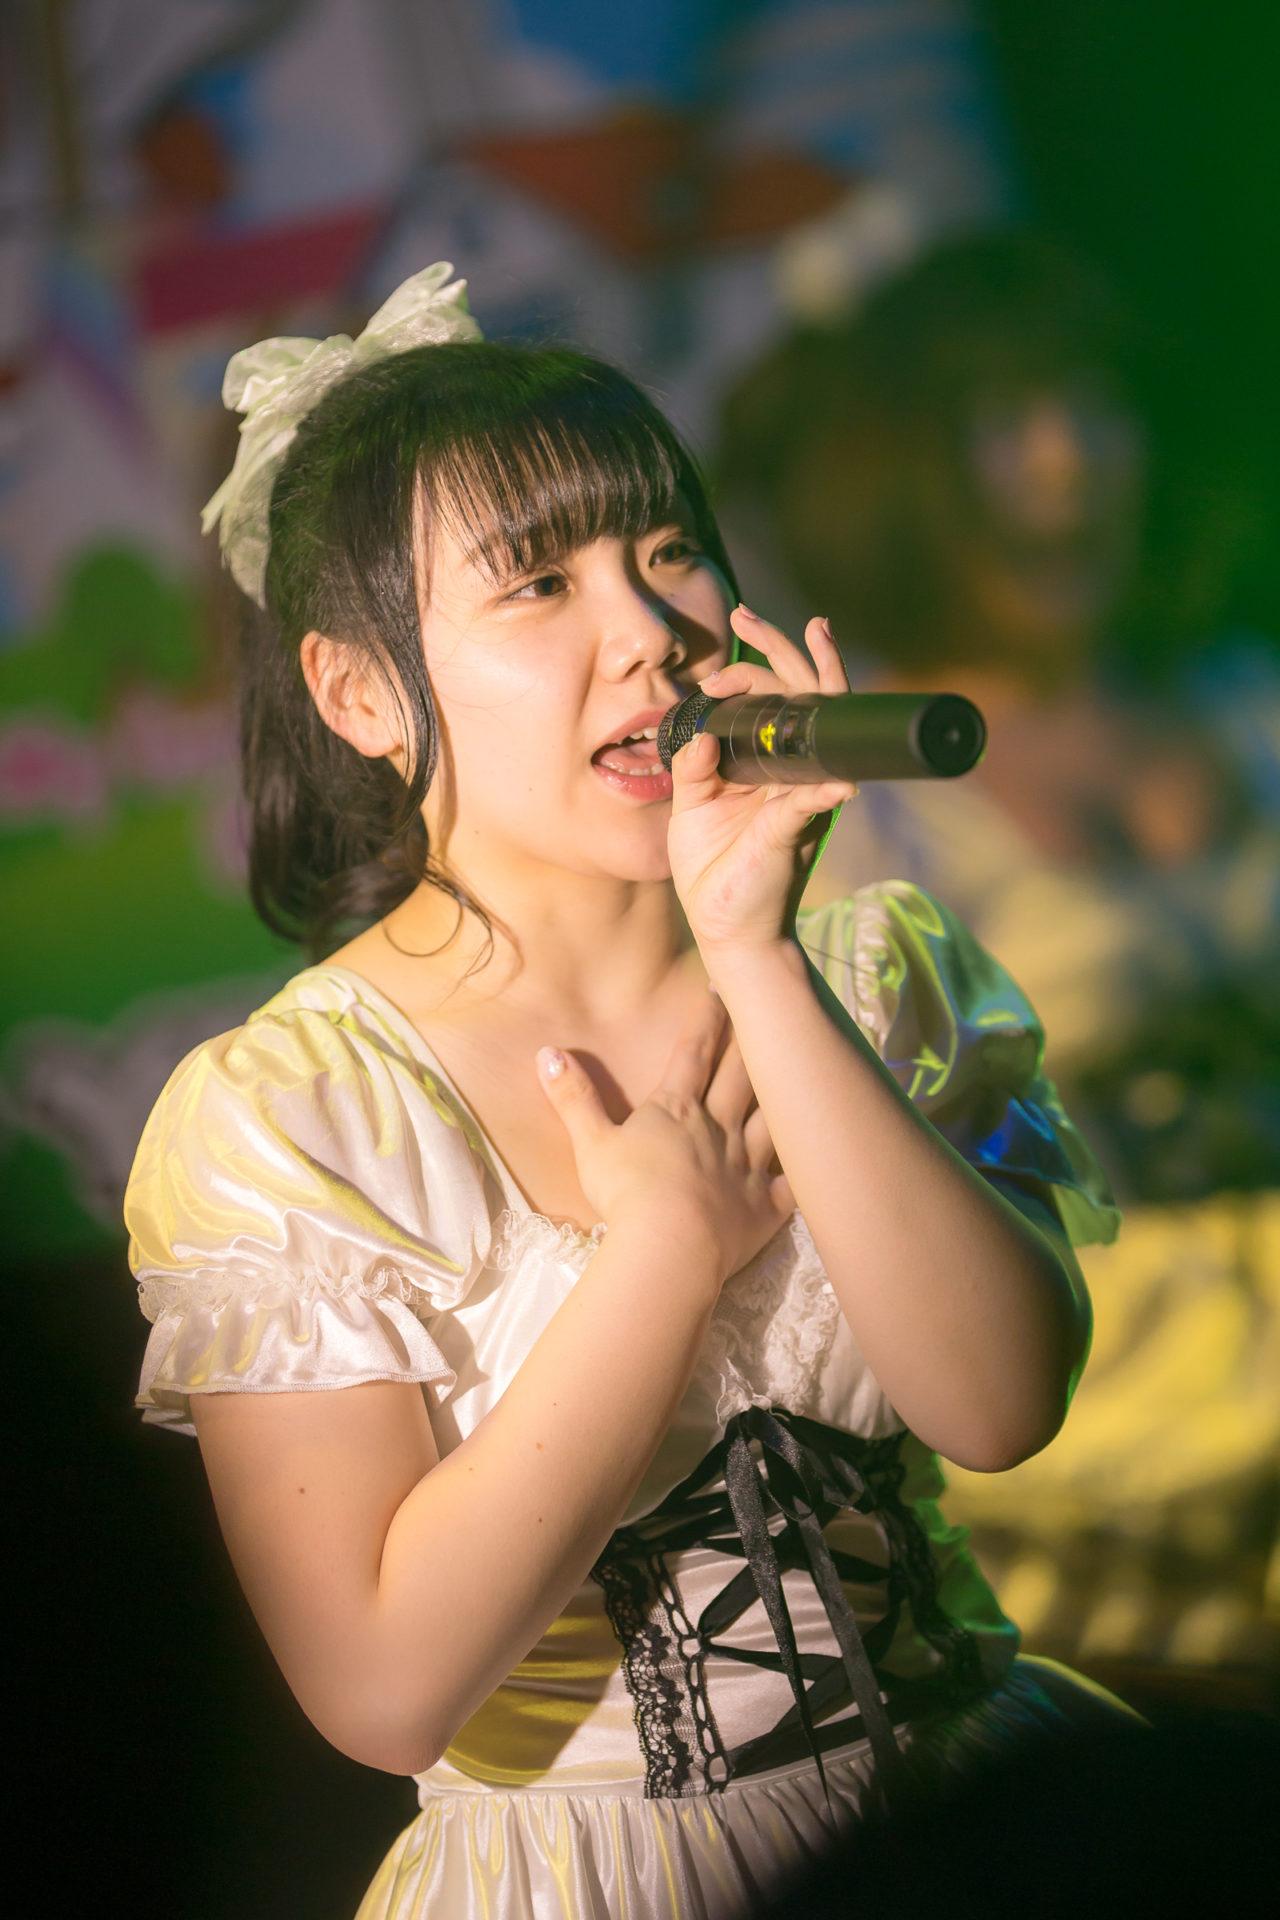 ゆきこん!&ライブプロ研修生 みゆり ( 柴田みゆり ) | ハピパvol.25〜ゆいな生誕〜